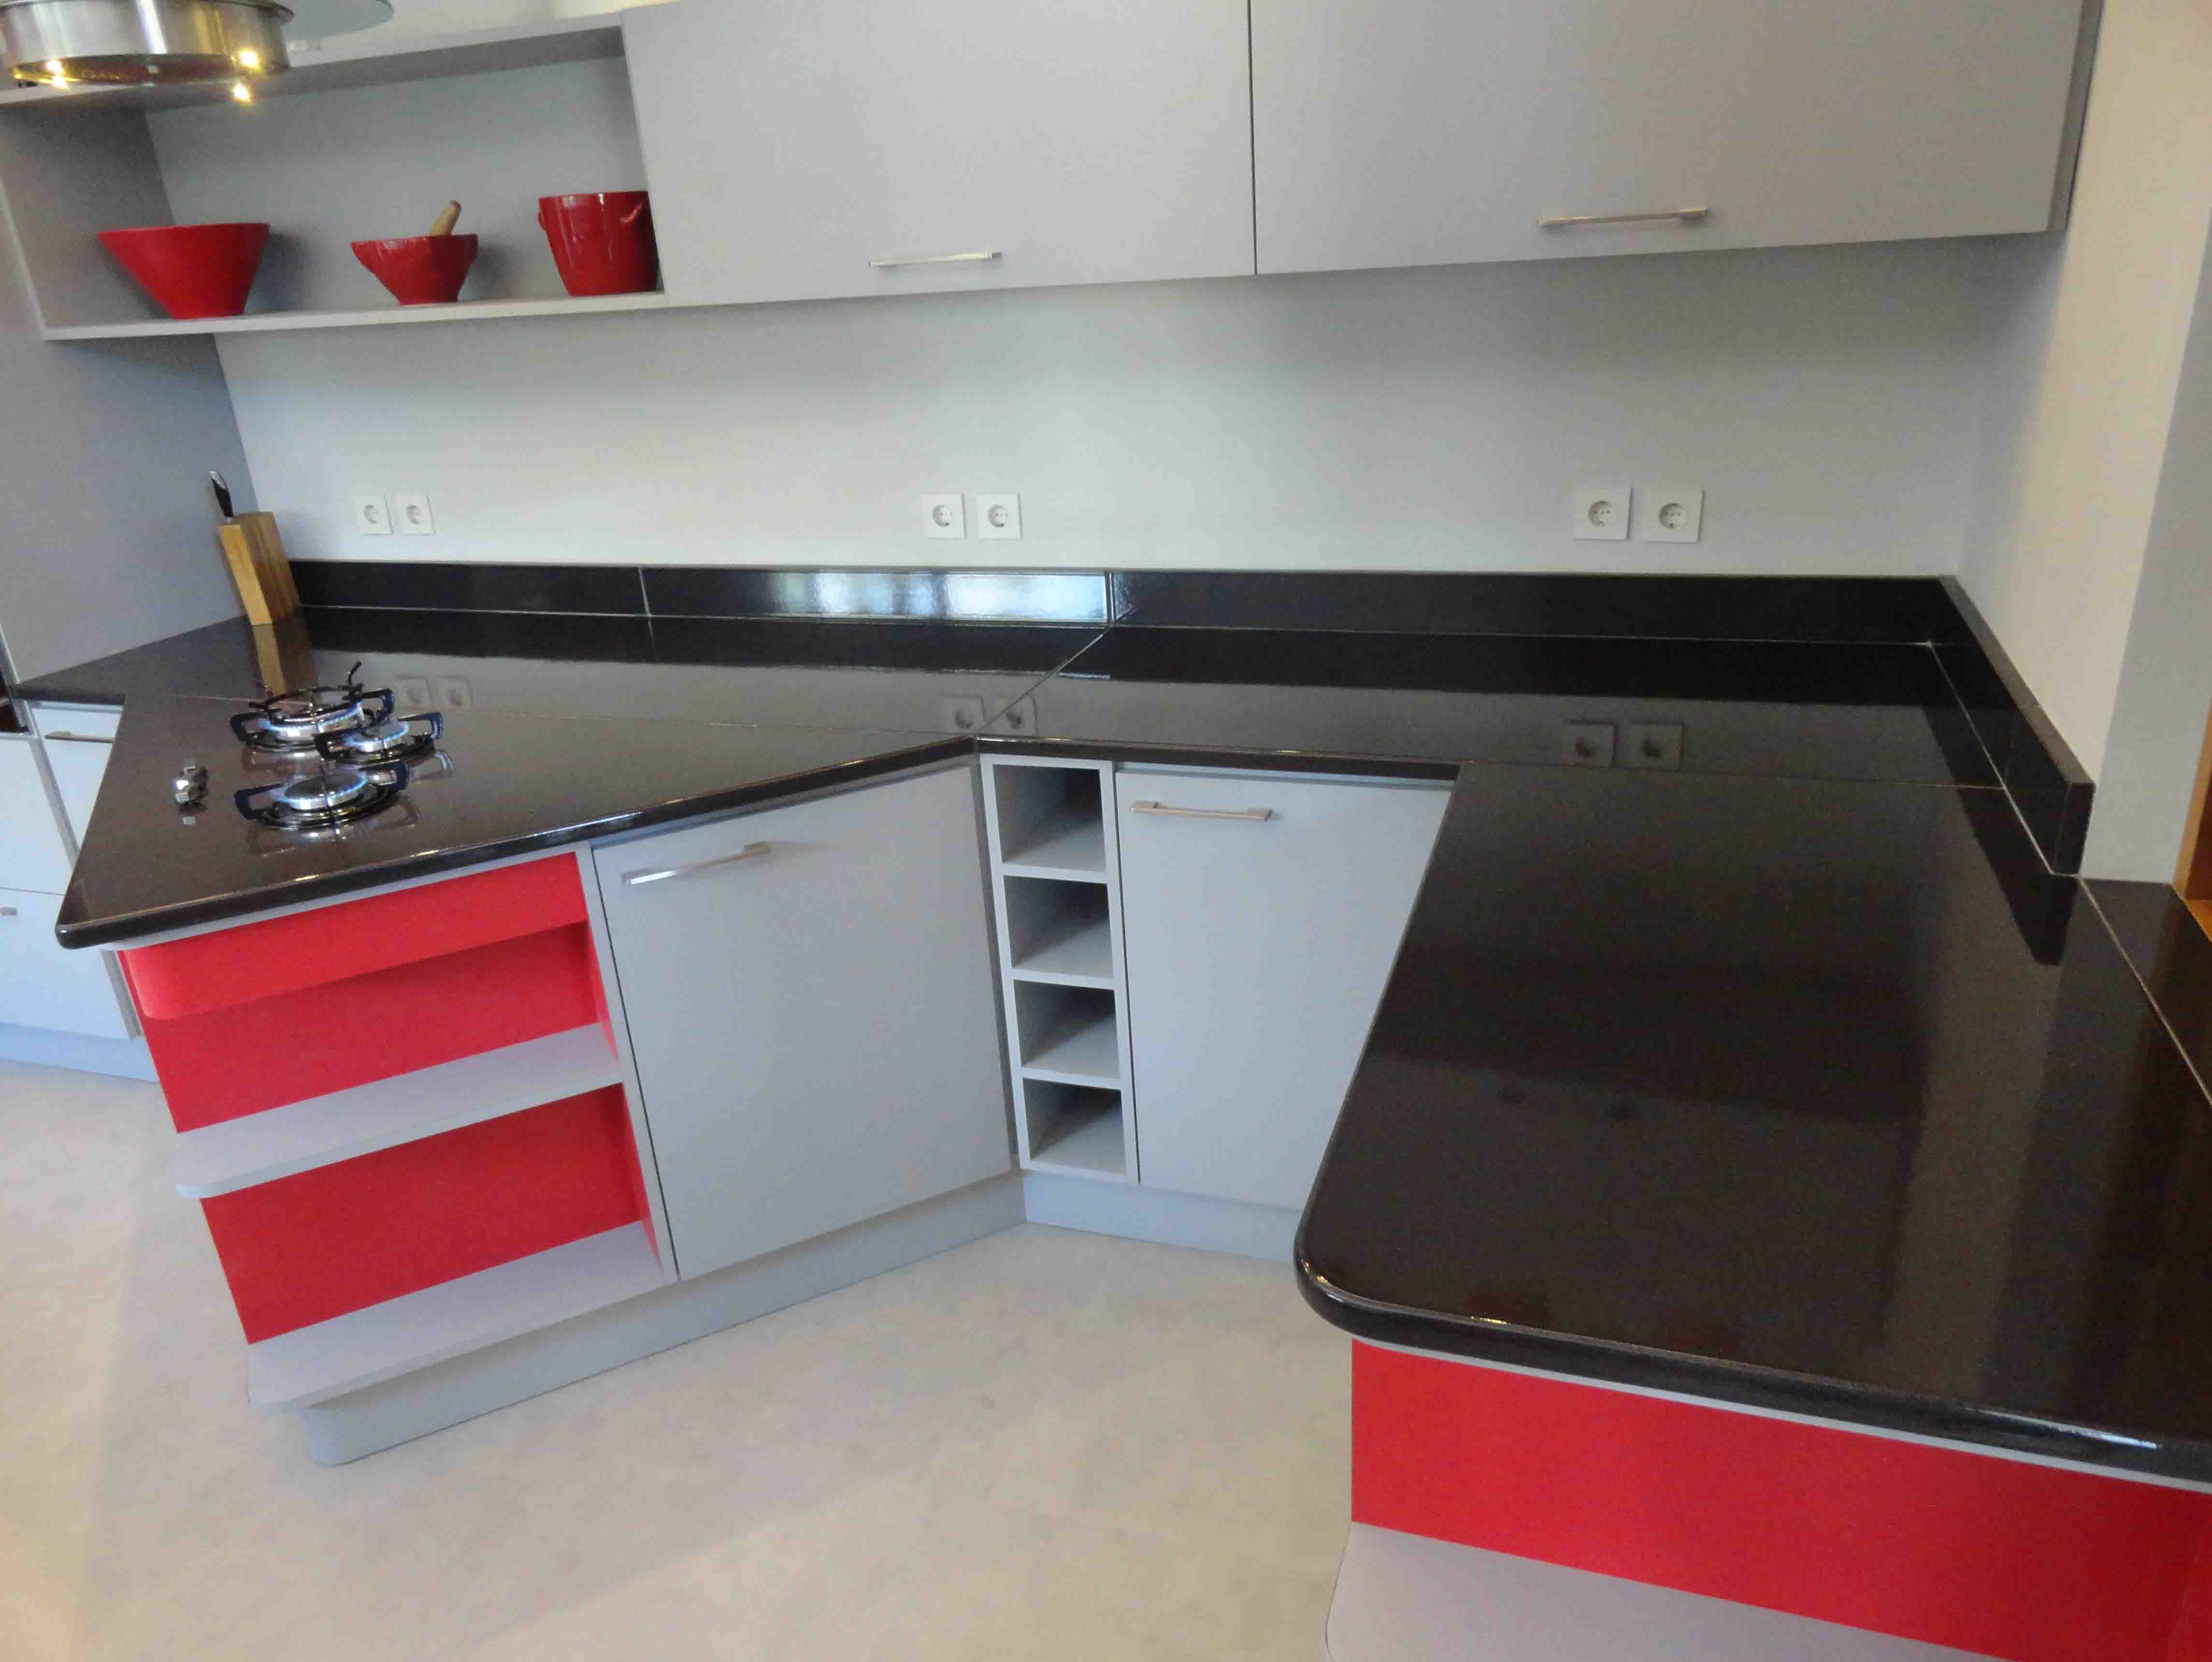 Cuisine-noir-rouge-contemporaine-couleur-lave-volcan-Kitchen-cuisine-sur-mesure-modern-émaille-céramique-France-Luxe-design